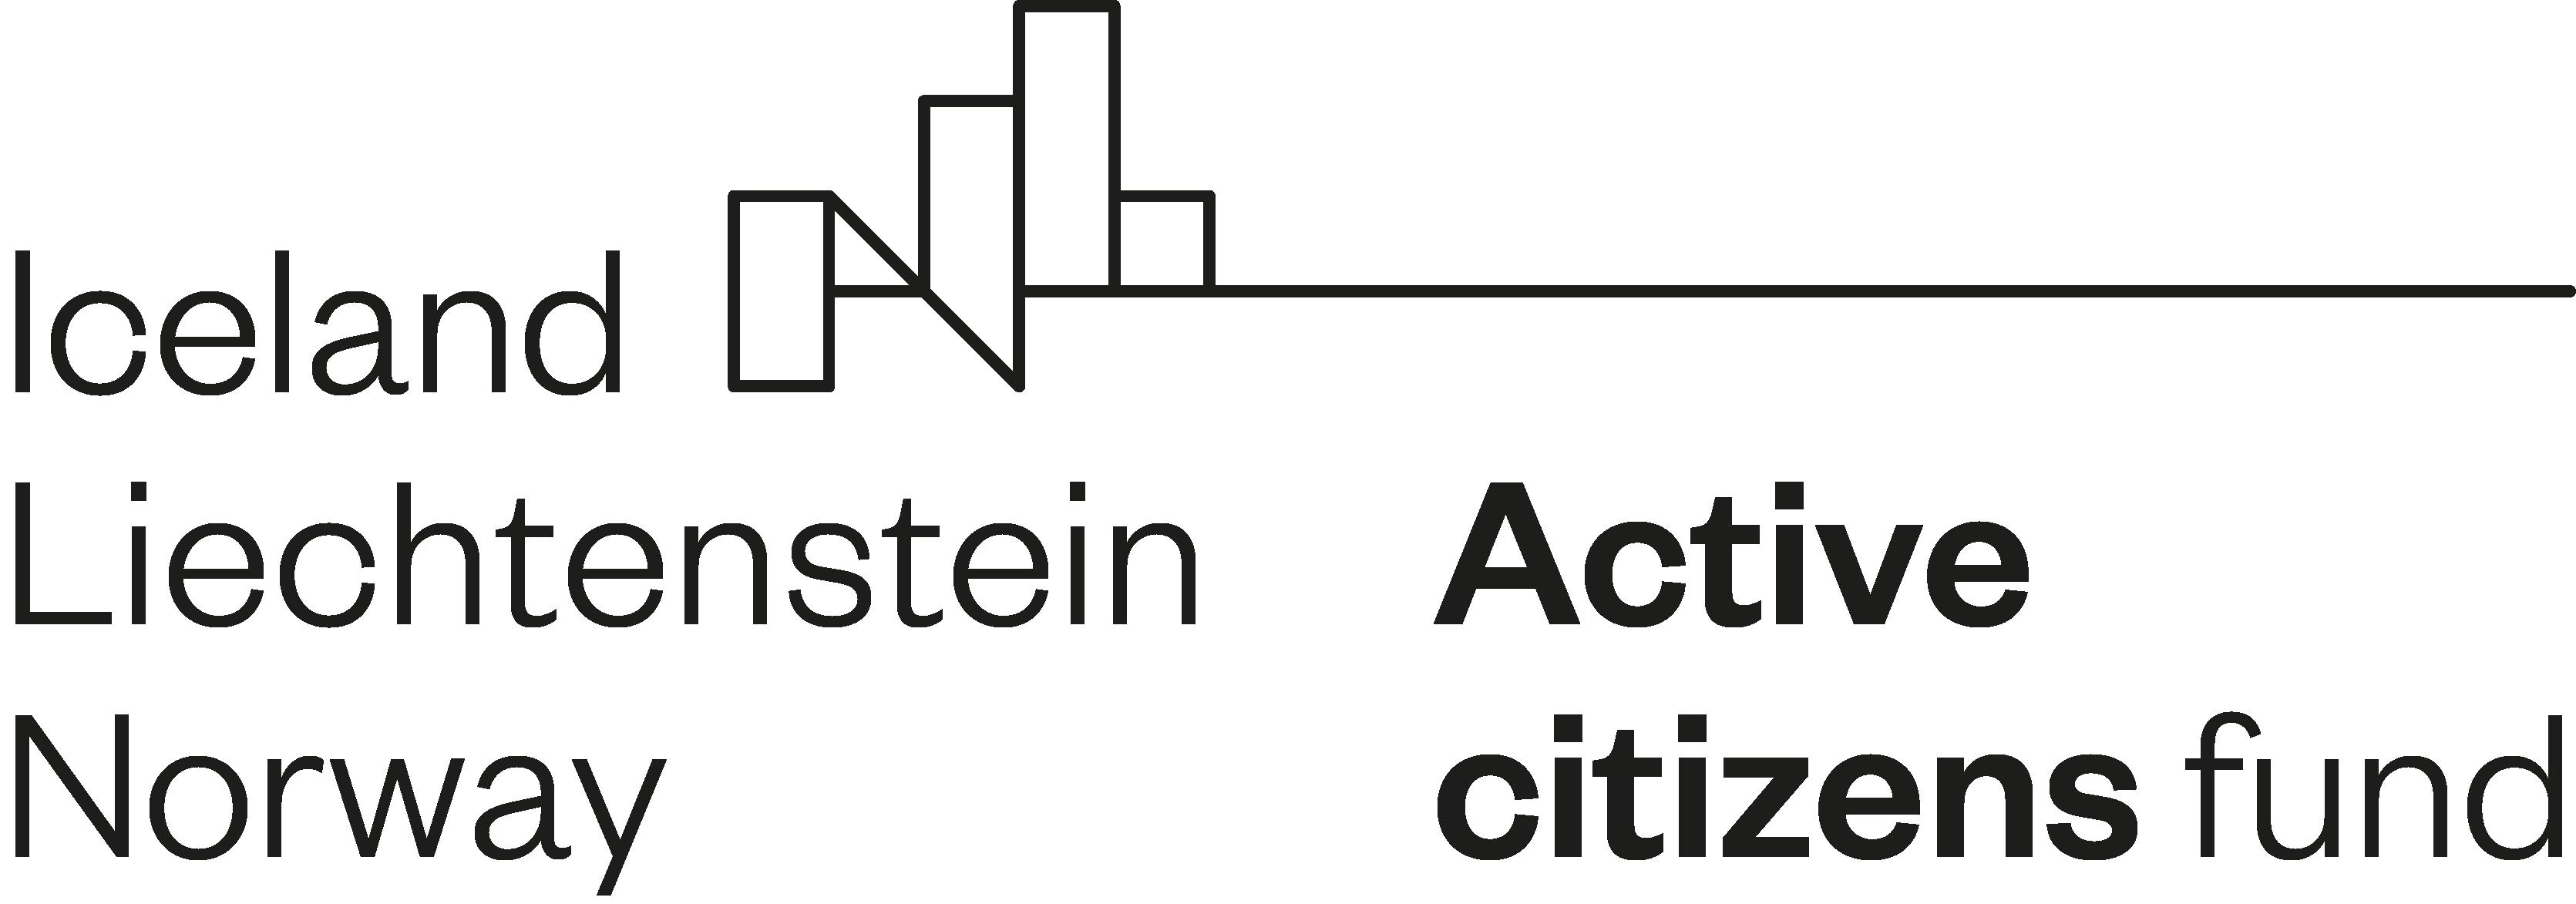 """Vaizdo rezultatas pagal užklausą """"iceland liechtenstein norway logo active citizens fund"""""""